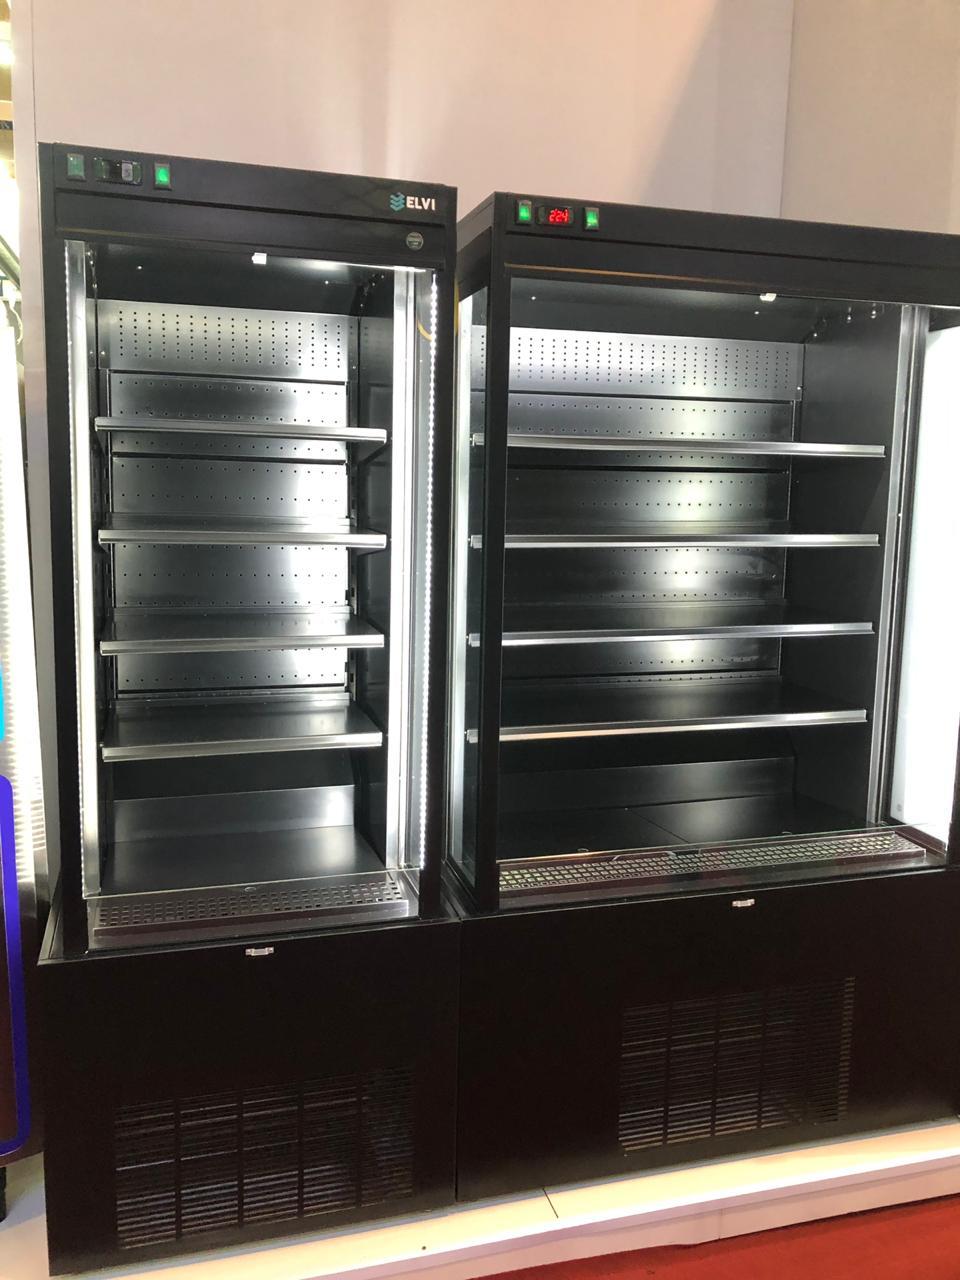 Refrigeradores Elvi